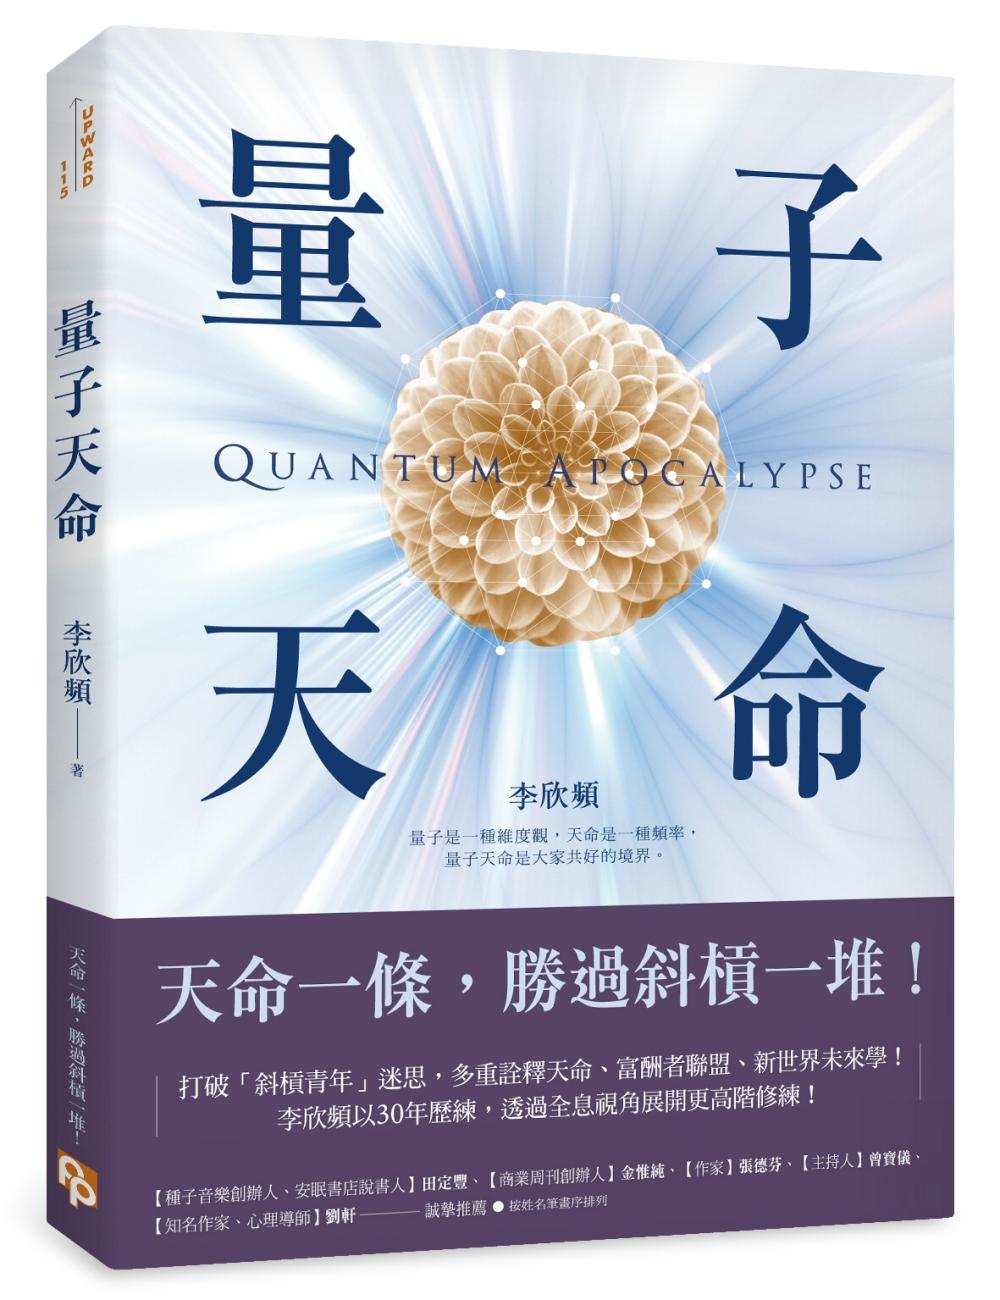 量子天命:天命一條,勝過斜槓一...